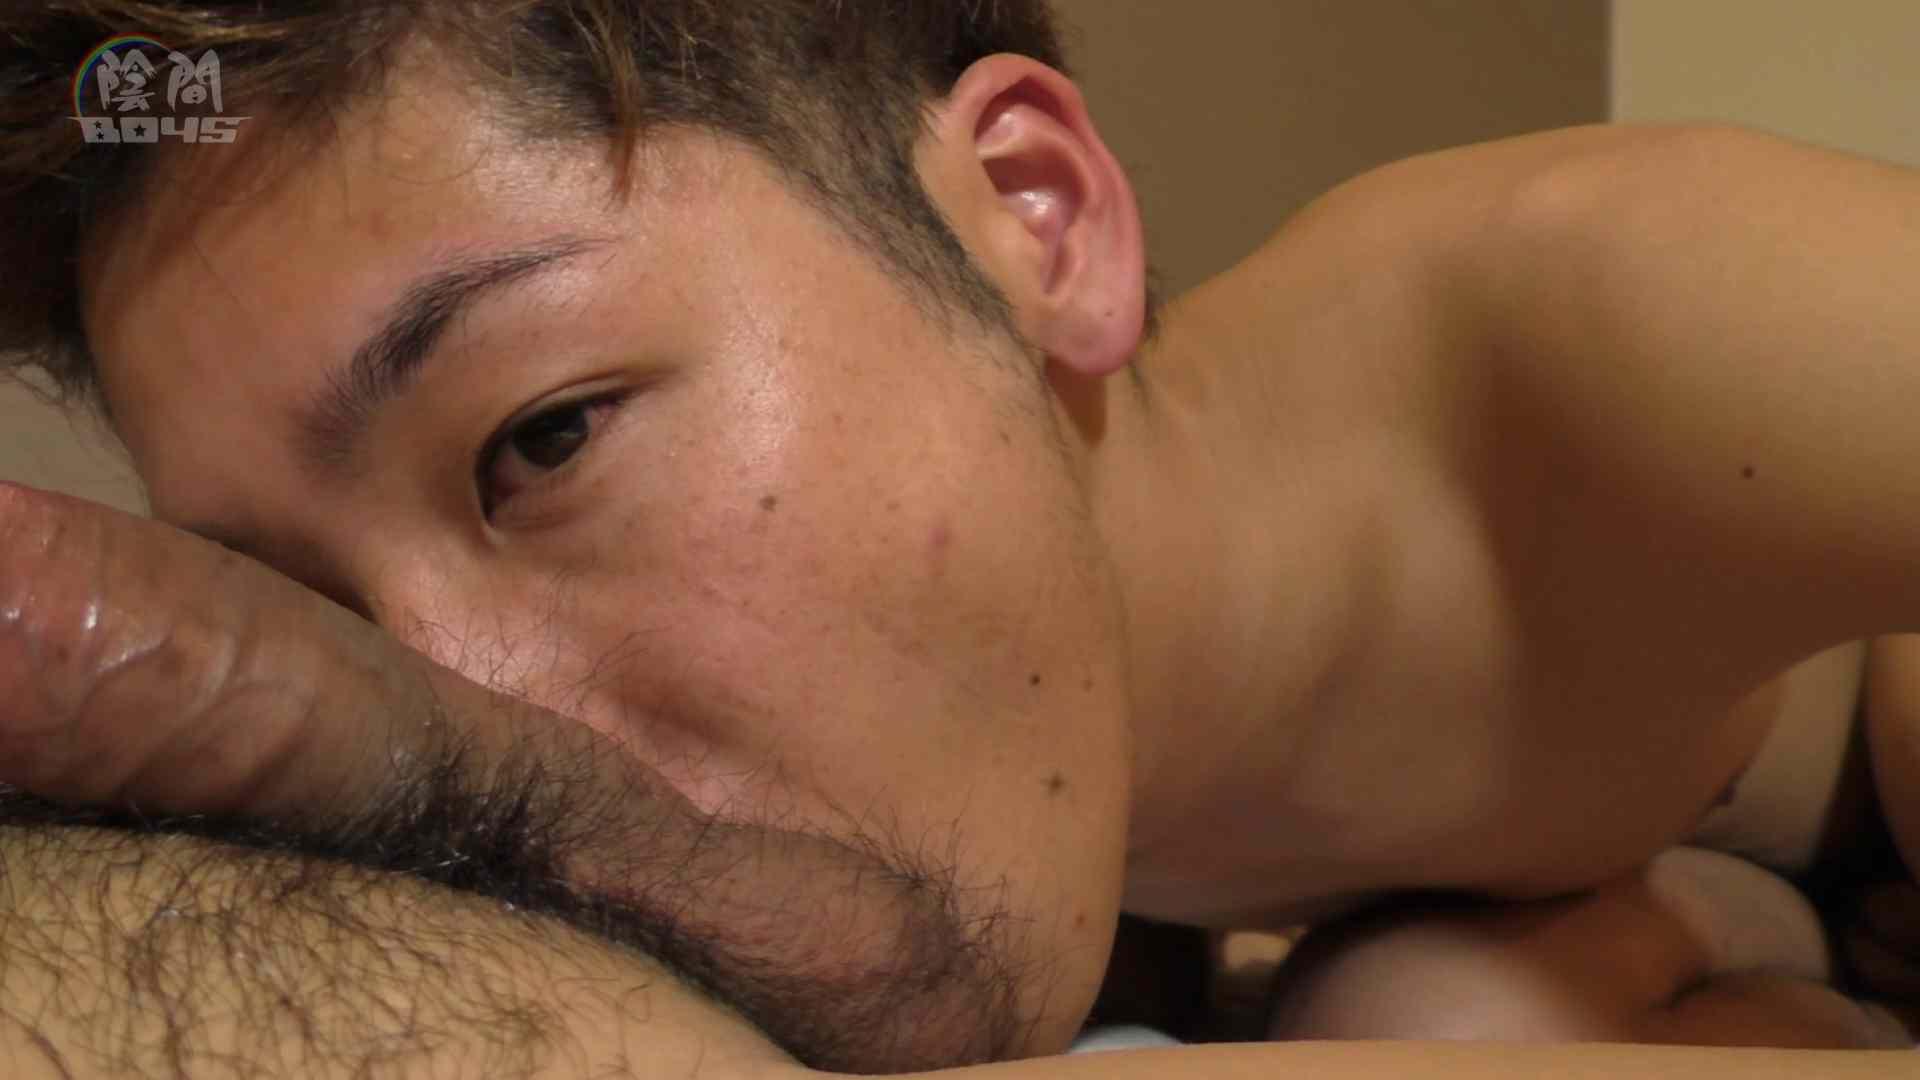 デカチン探偵かしこまりpart2 No.05 ザーメン ゲイヌード画像 60pic 43